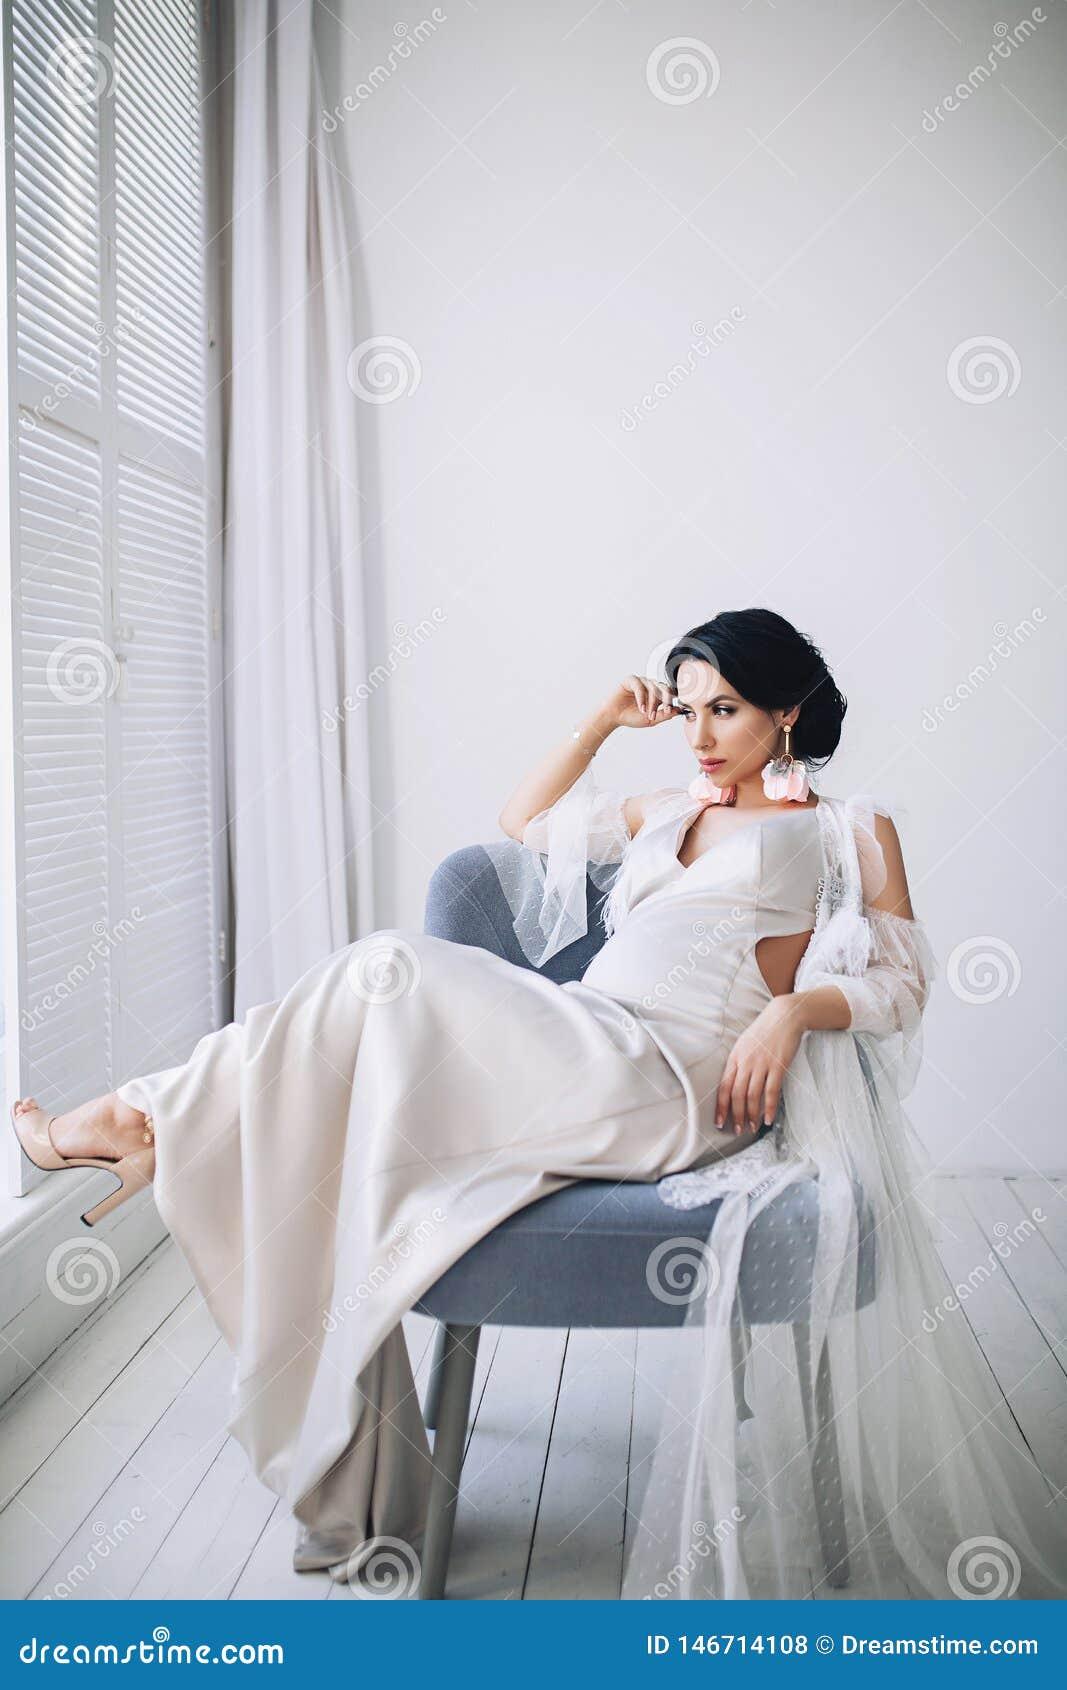 Ci??arna europejska kobieta w bia?ym mieszkaniu, m?oda europejska kobieta czeka? na dziecka, prenant kobieta z czarni w?osy wewn?